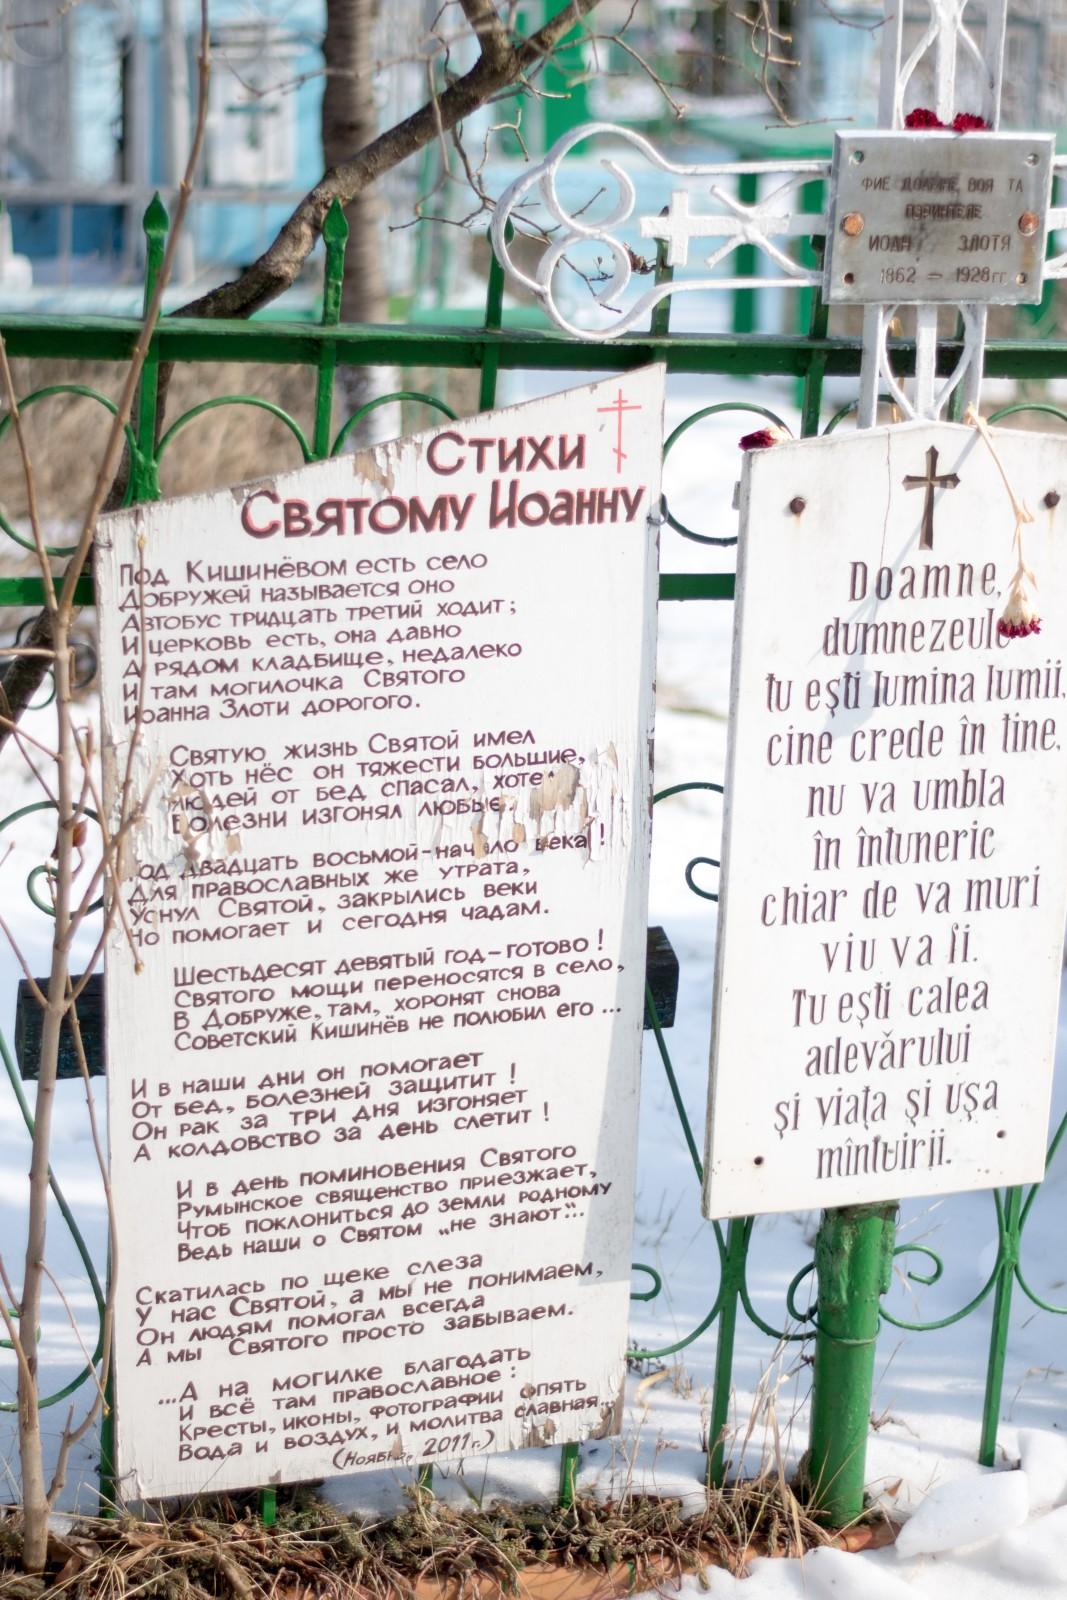 Могила Ионна Злоти в Добруже. Перенесена из Кишинёва в 1969 году.